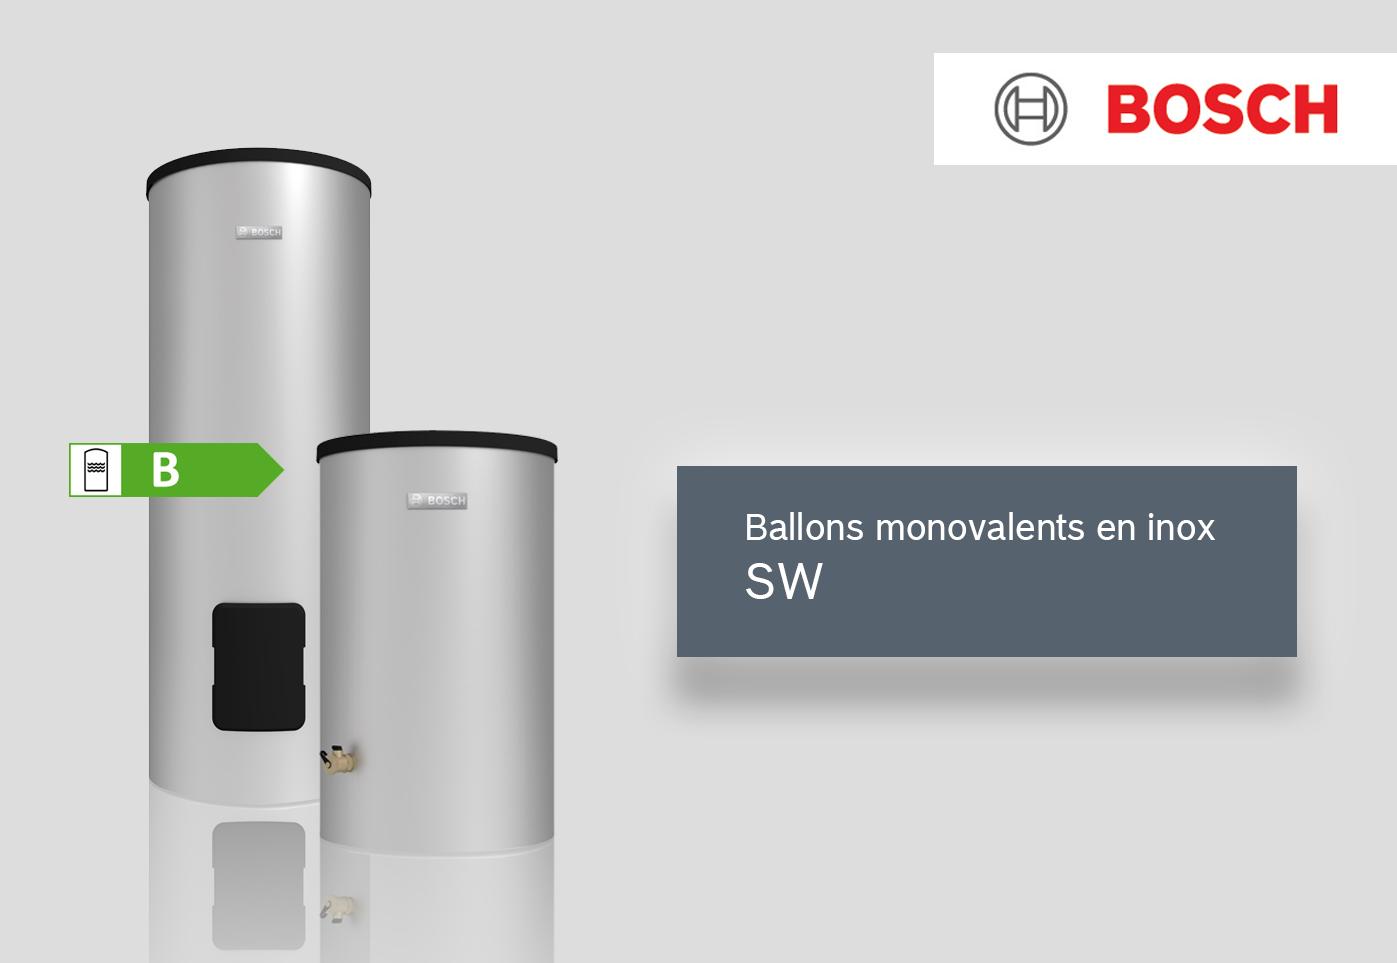 Ballons monovalents inox SW